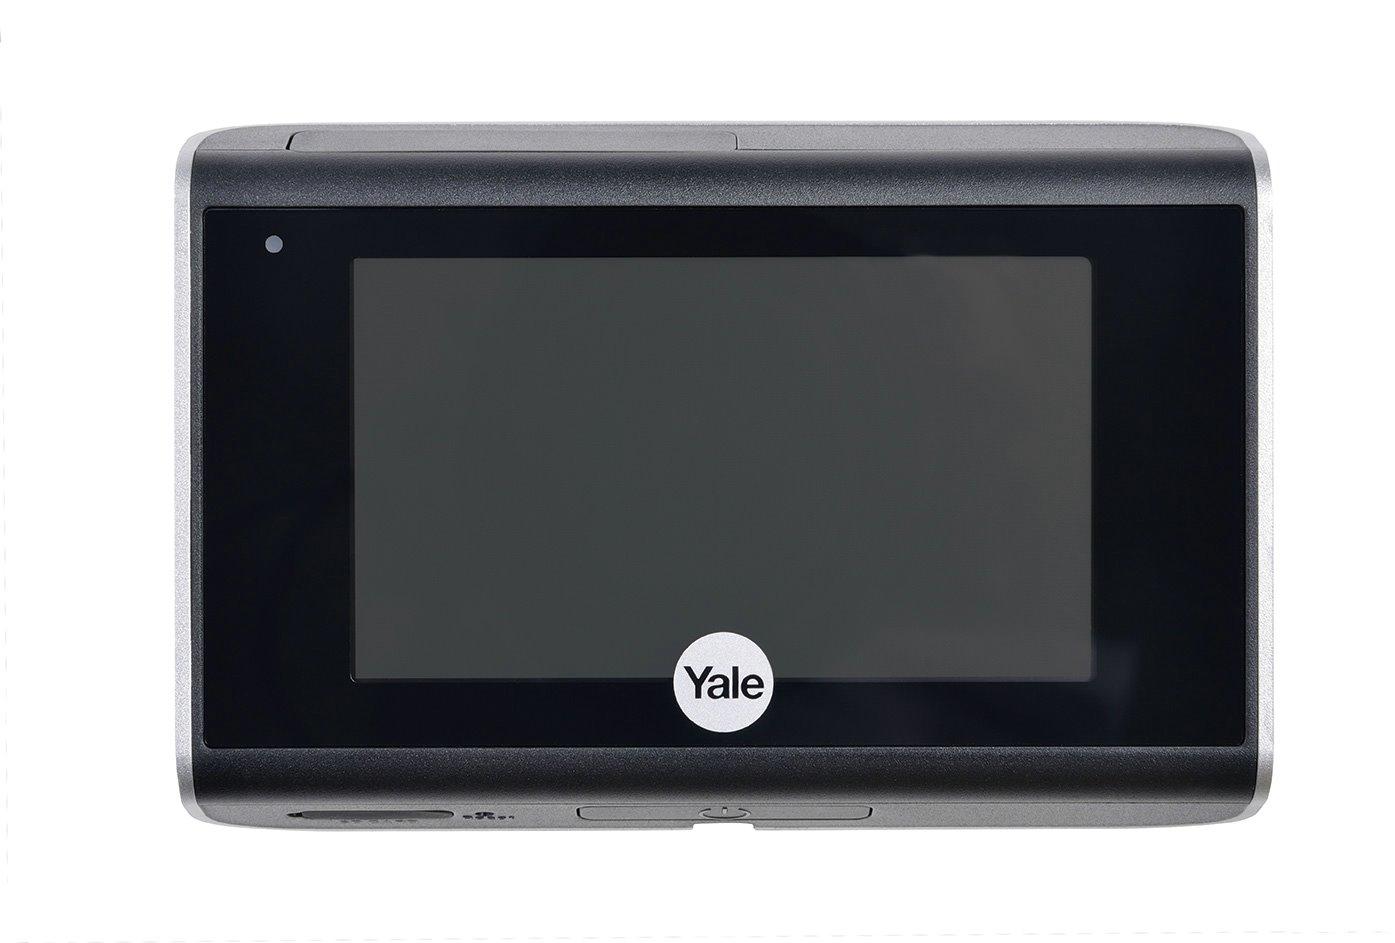 YRV-WI-619 Yale Digital Look Door Viewer with Wifi